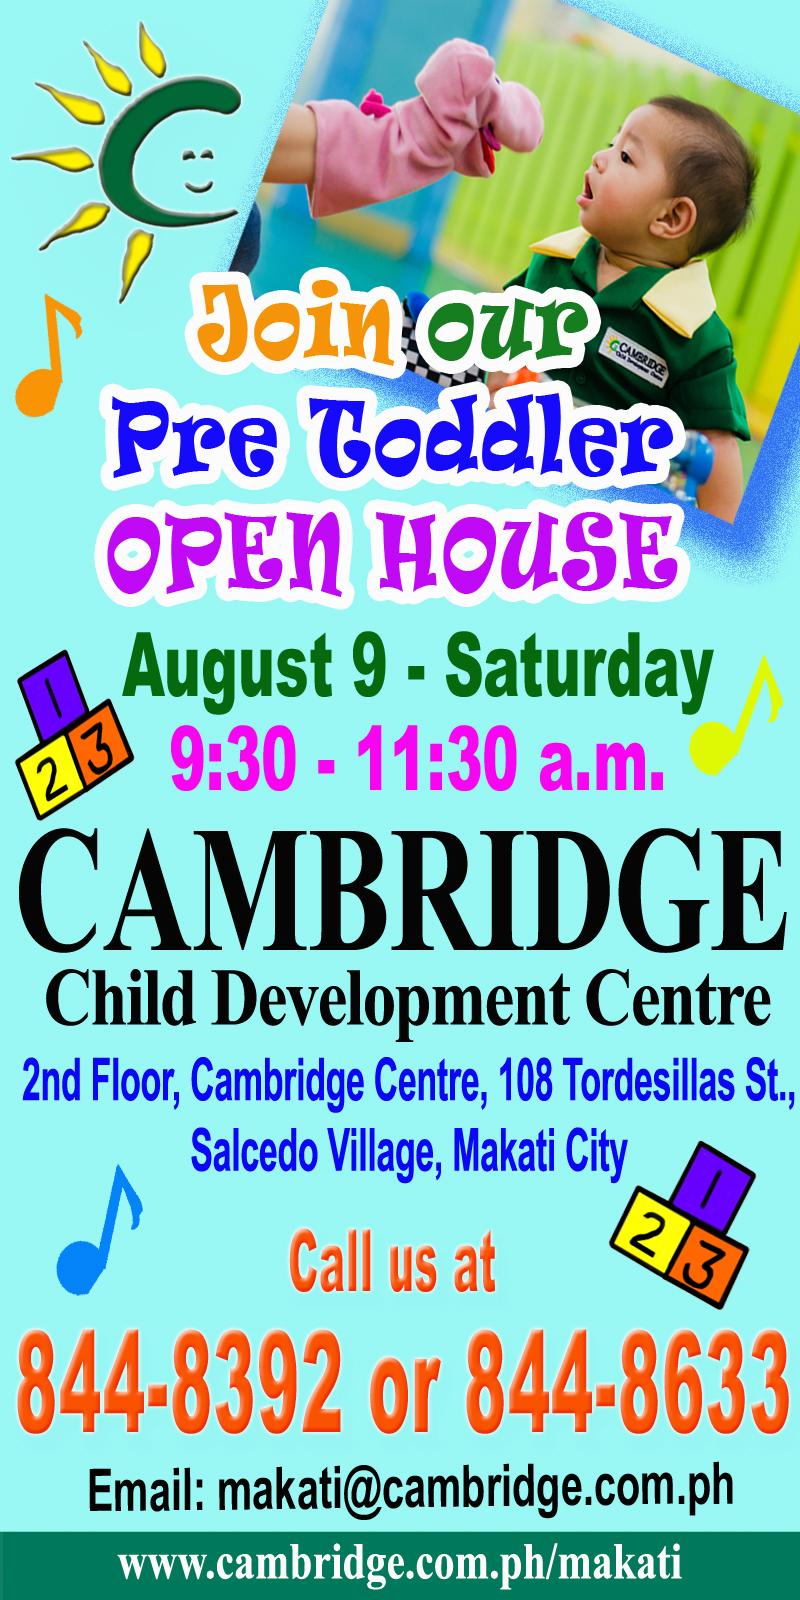 Pre Toddler Open House 2014 copy